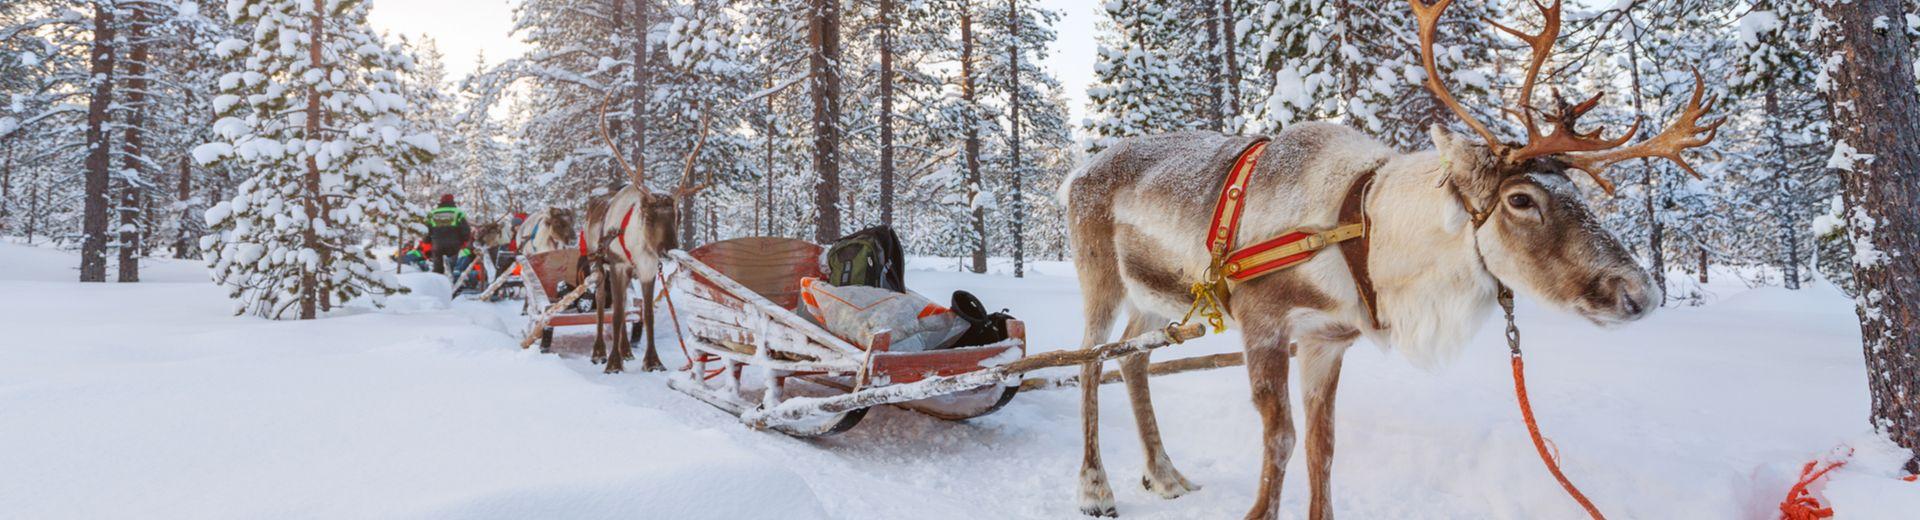 Familienurlaub in Lappland